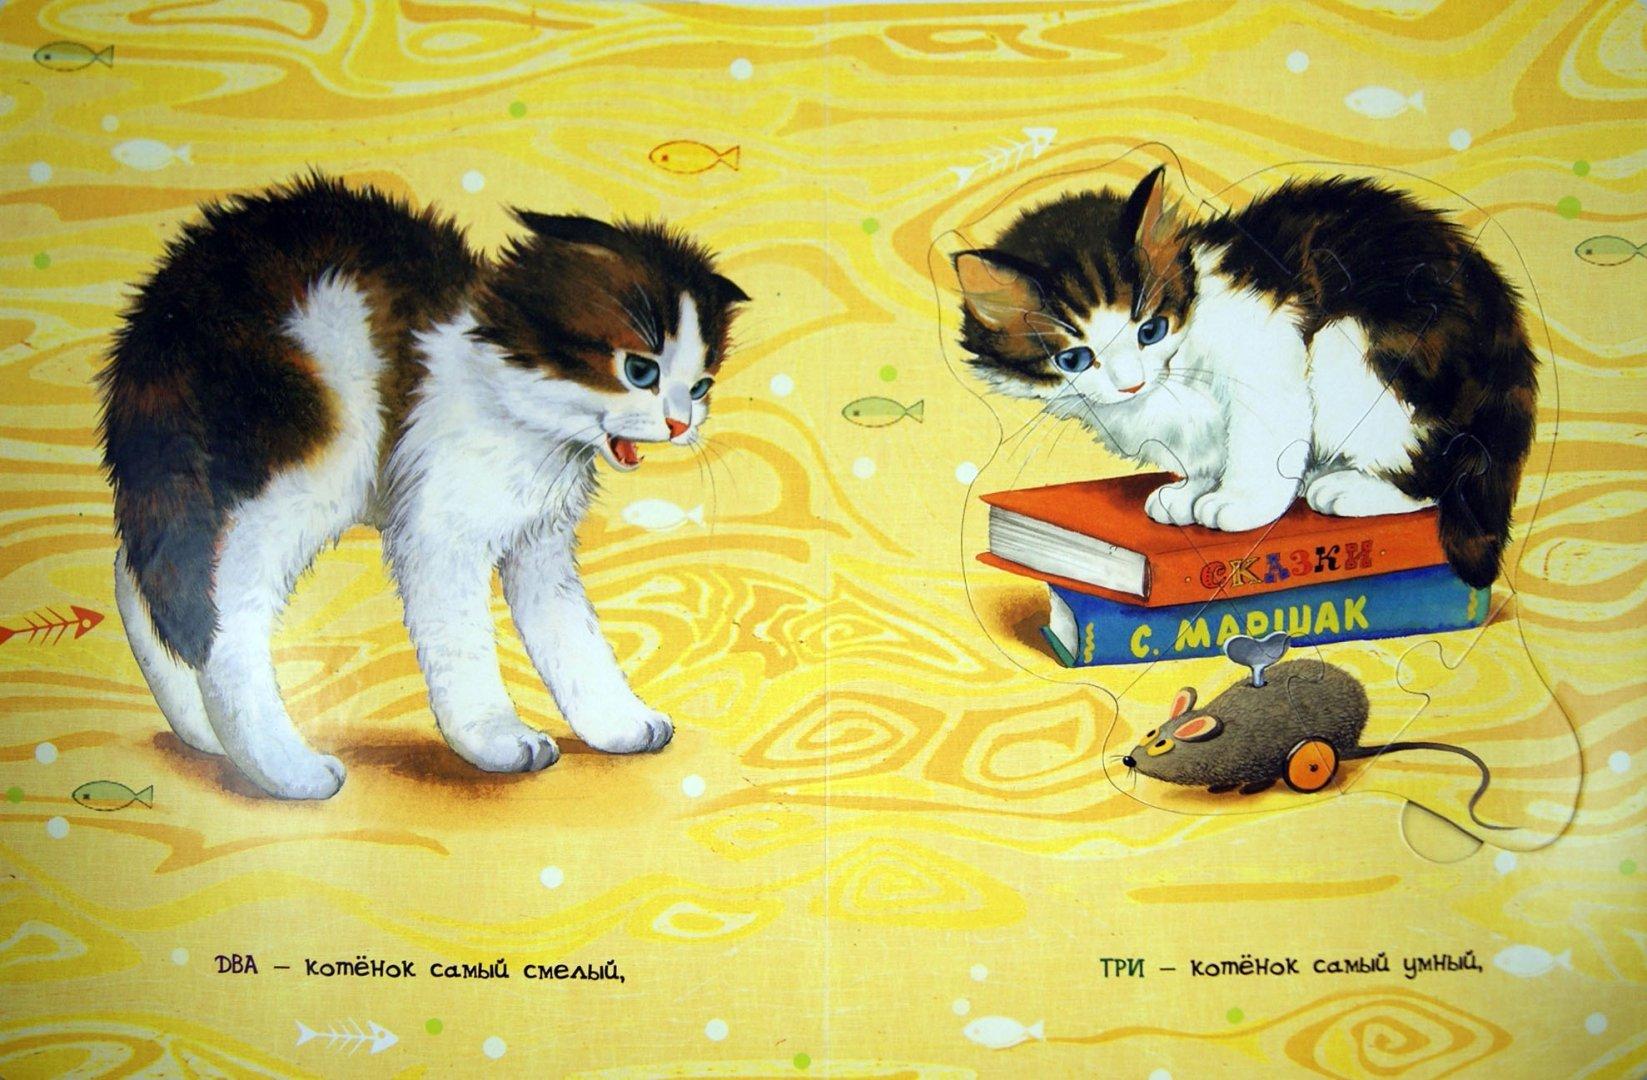 Иллюстрация 1 из 2 для Считалочка. Котята - Сергей Михалков   Лабиринт - книги. Источник: Лабиринт